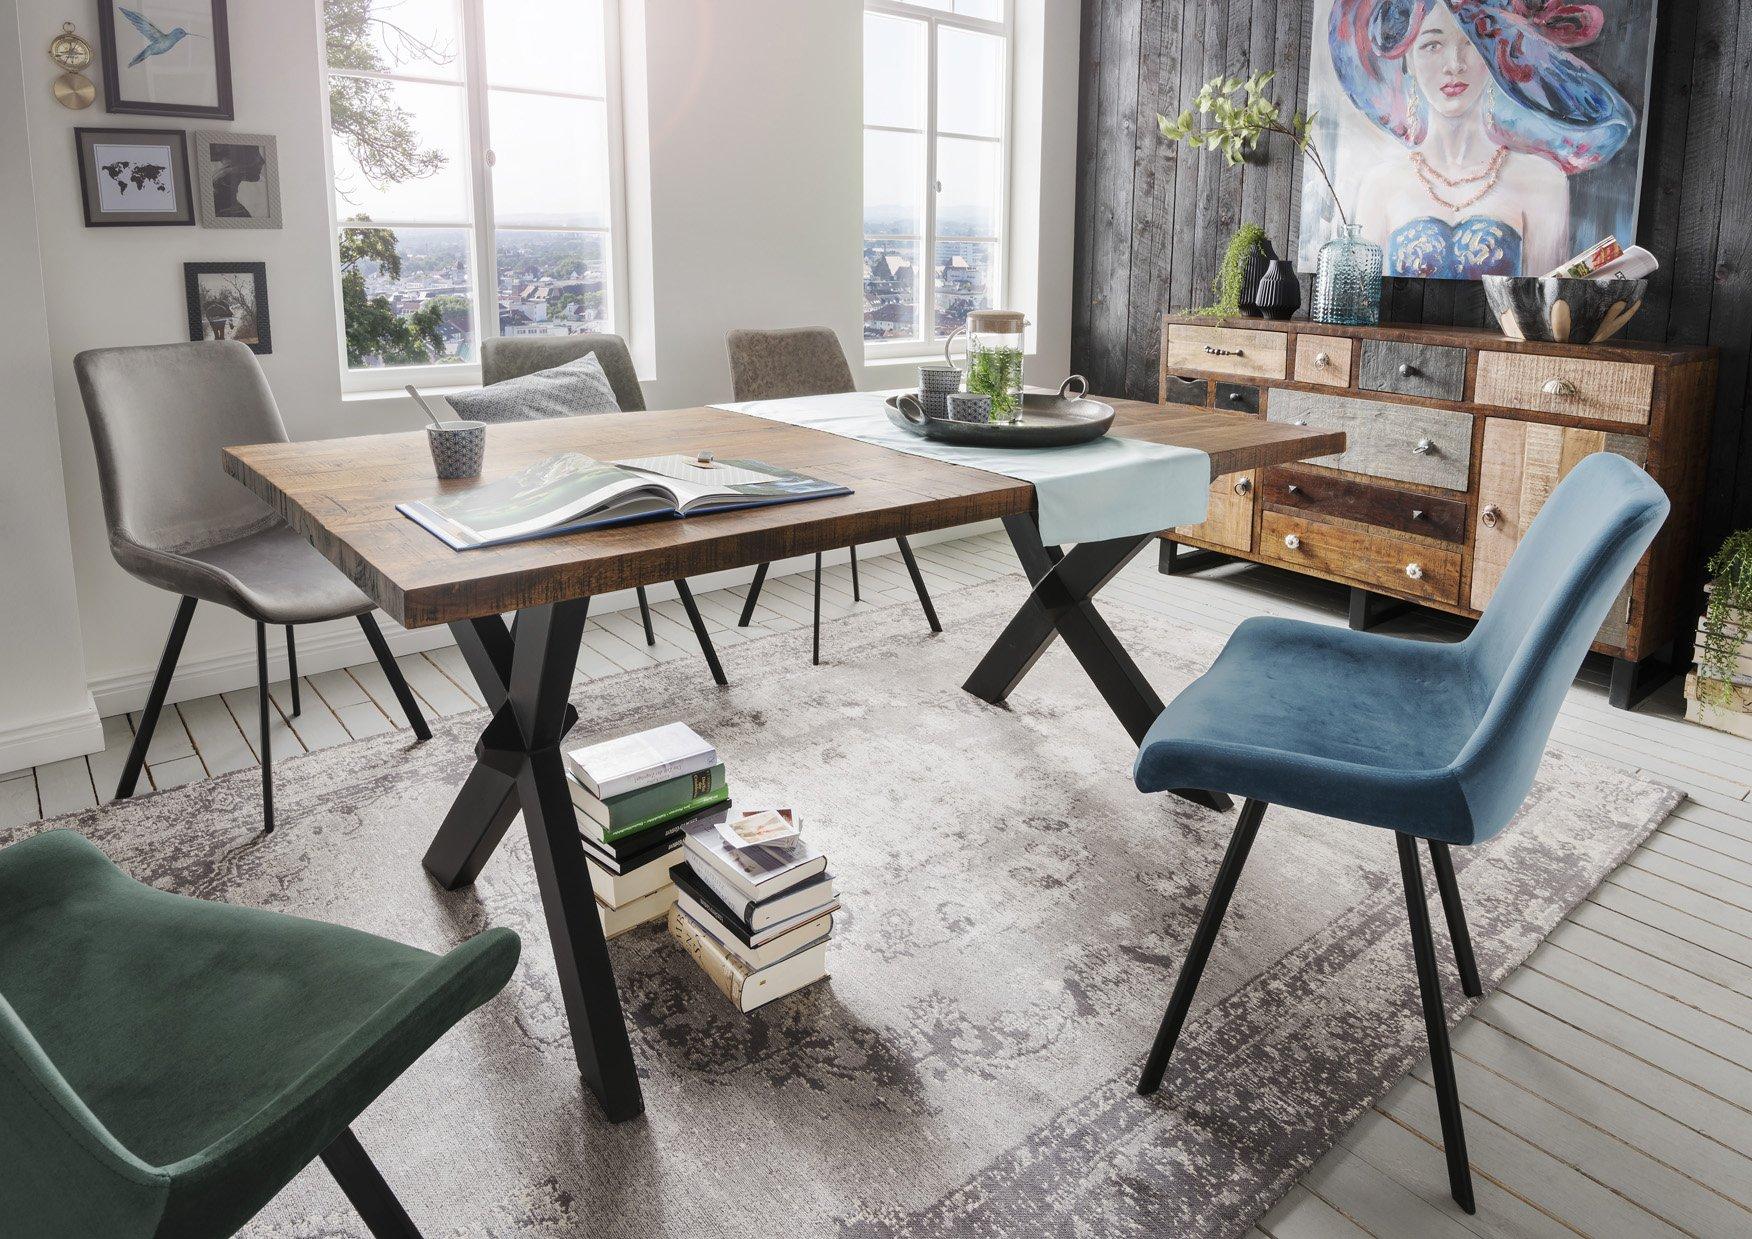 Wohnglücklich Unikat Möbel PRIYA, Bild 4